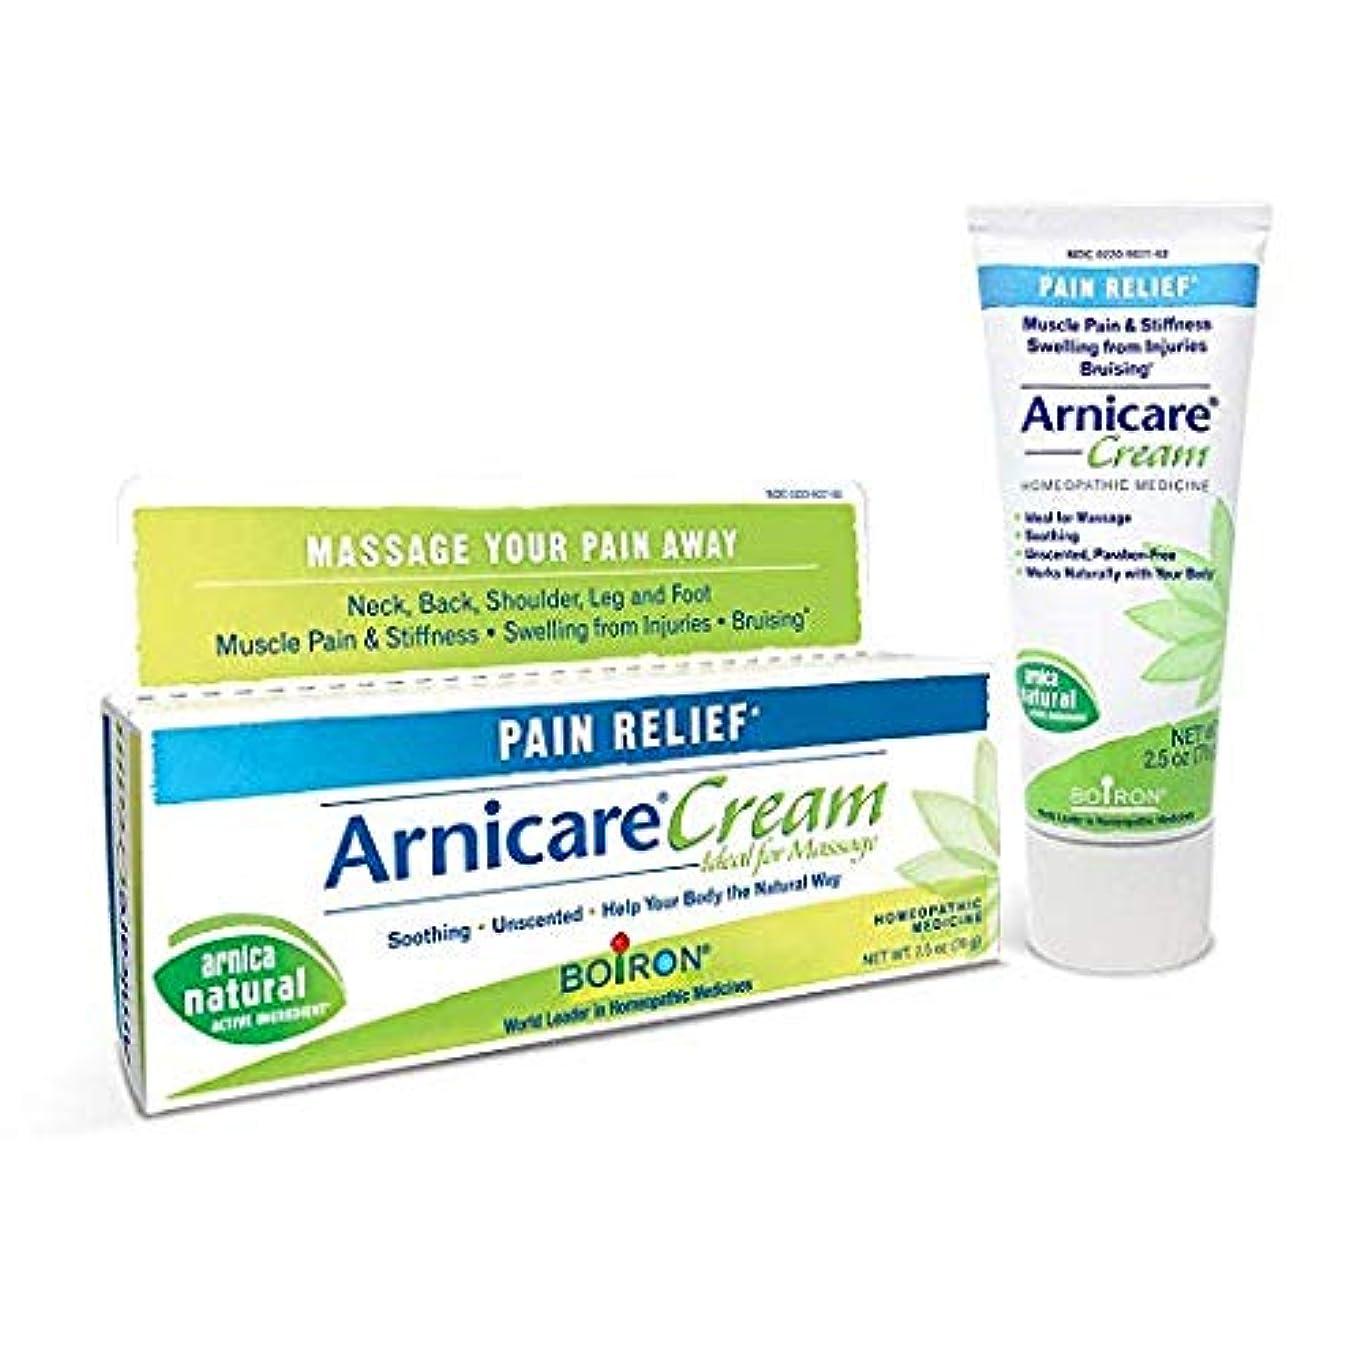 レモンカート選択するボイロン アルニカクリーム Boiron Arnicare Cream 2.5 Ounces Topical Pain Relief Cream [並行輸入品]